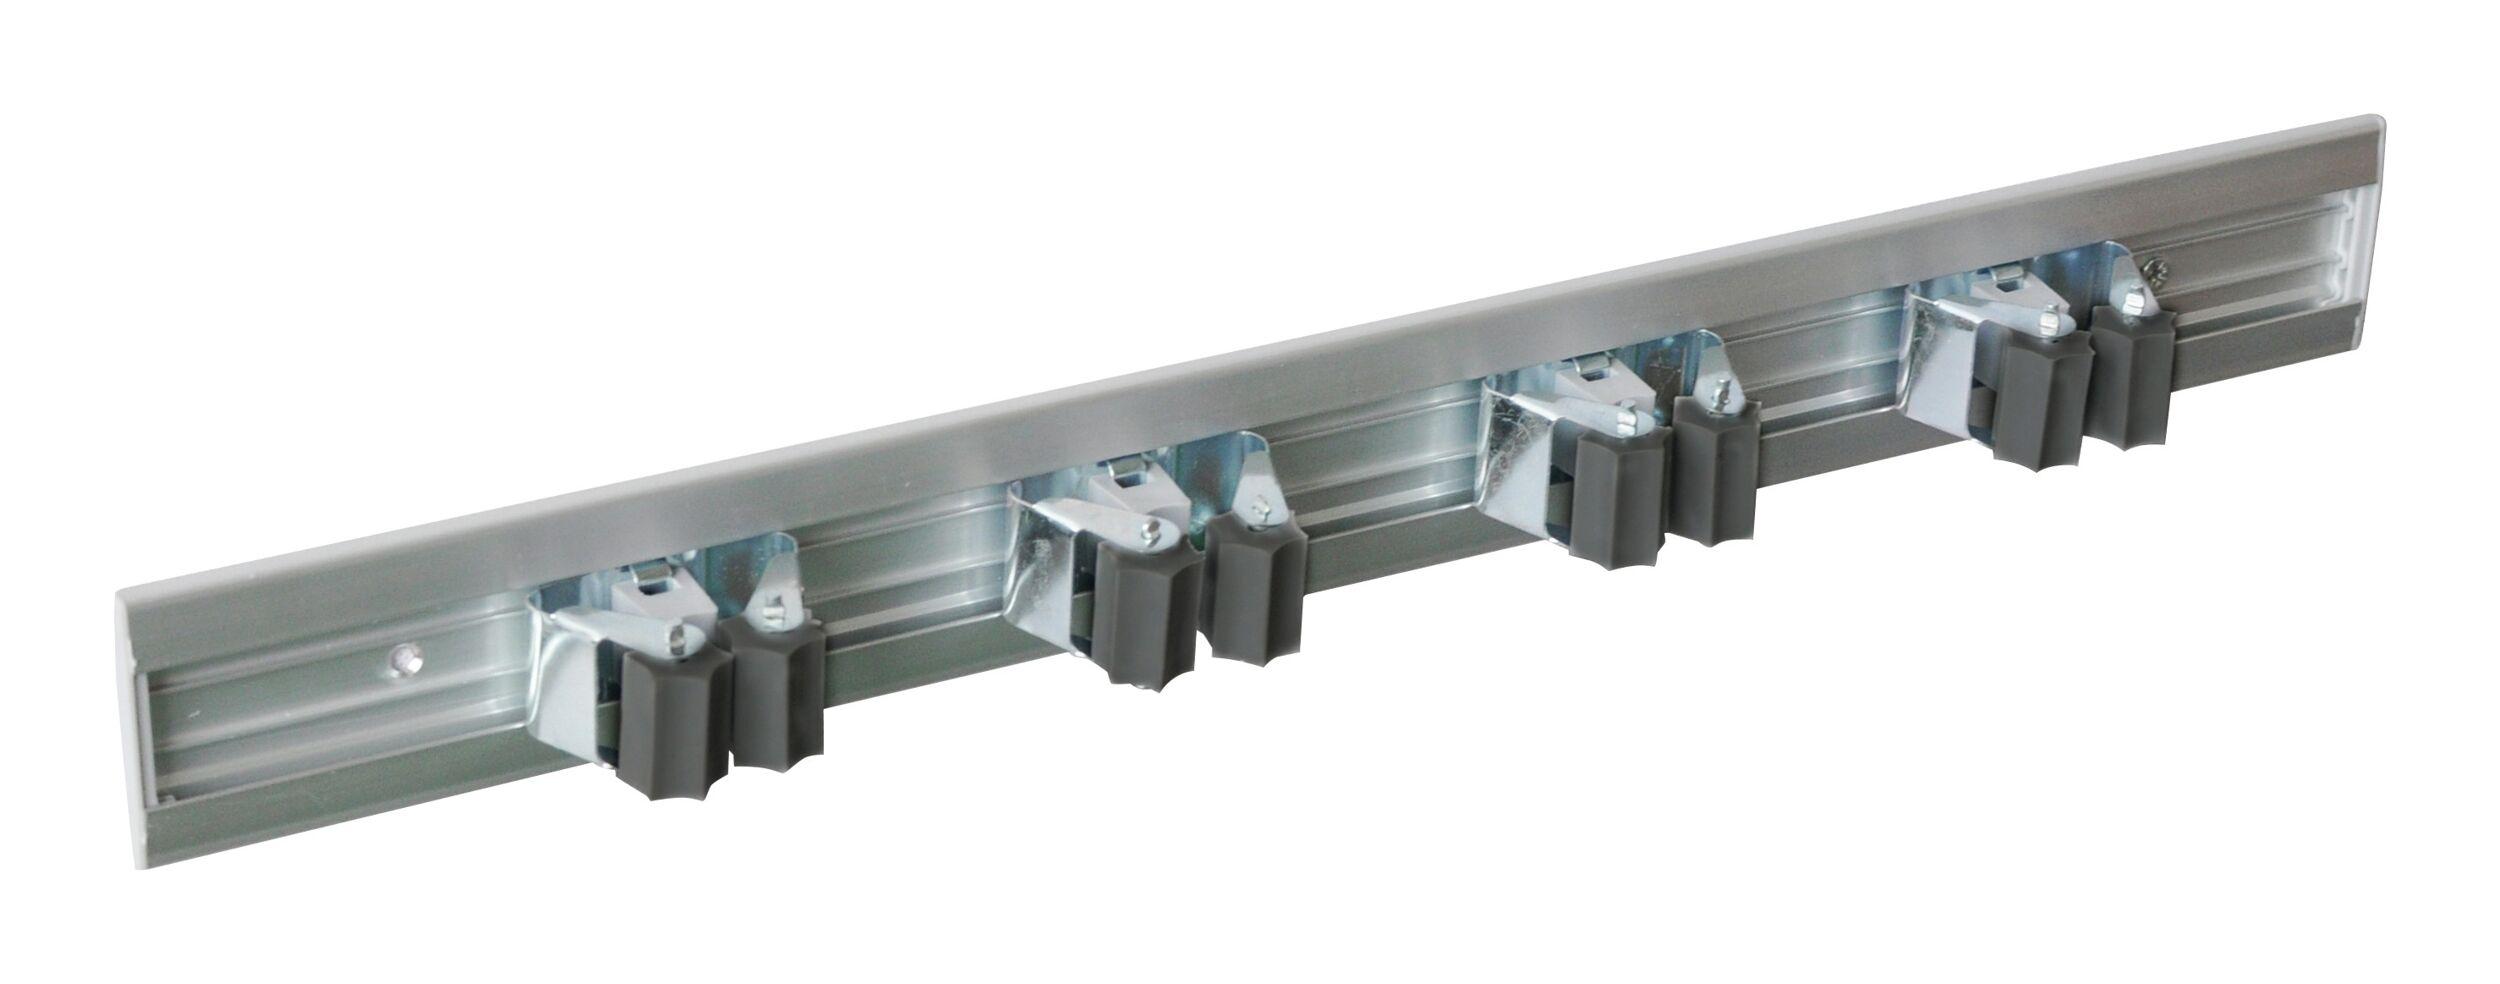 MaKeDO Gerätehalter-Leiste mit 4 Haltern